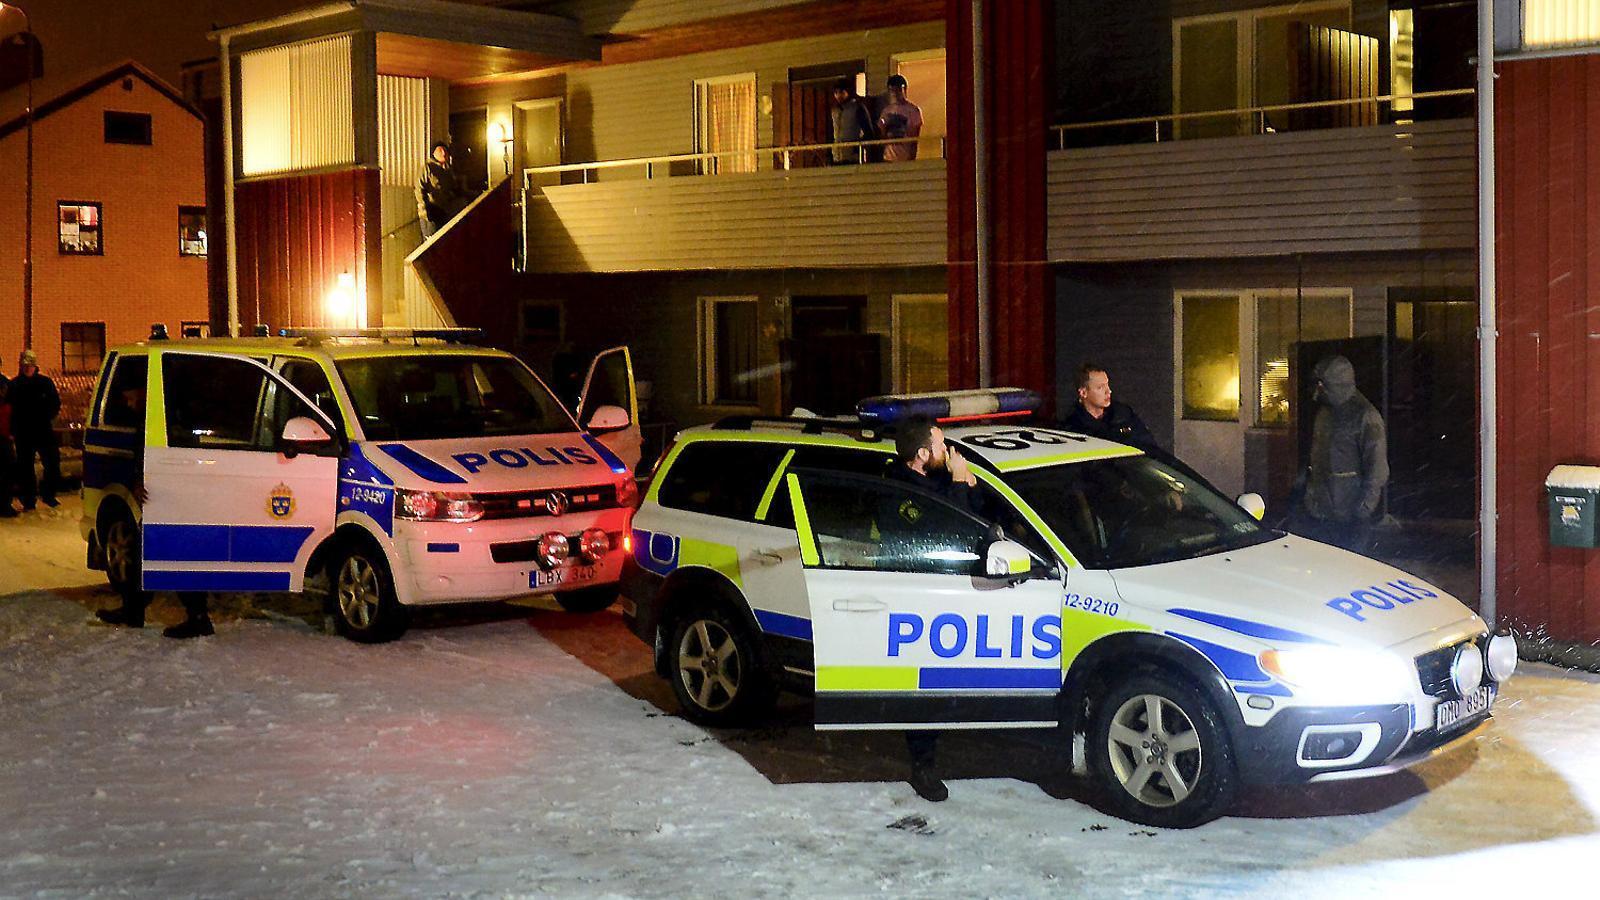 Primeres condemnes a Suècia  per sexe sense consentiment